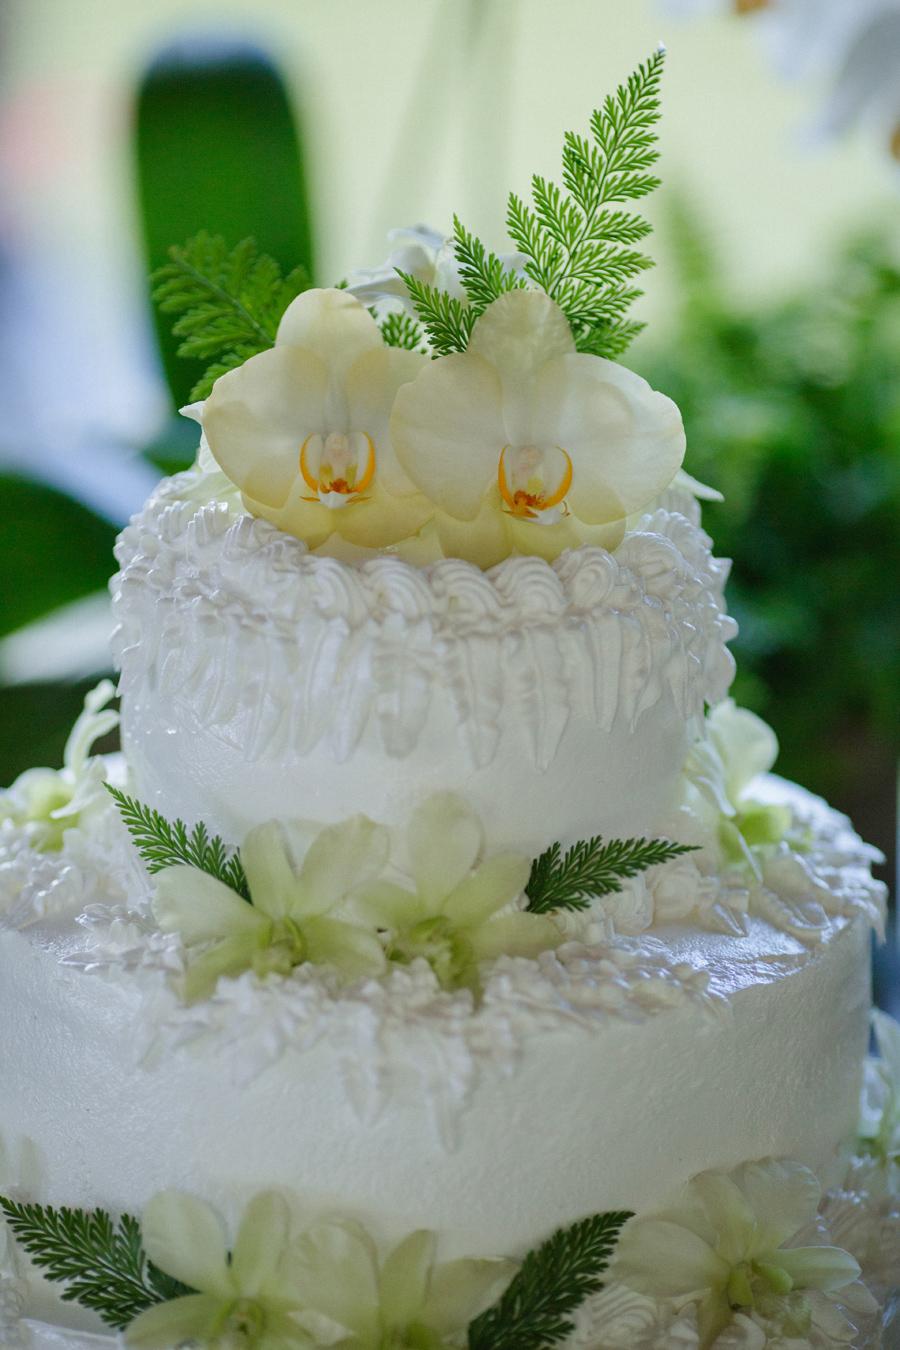 maui hana wedding cake